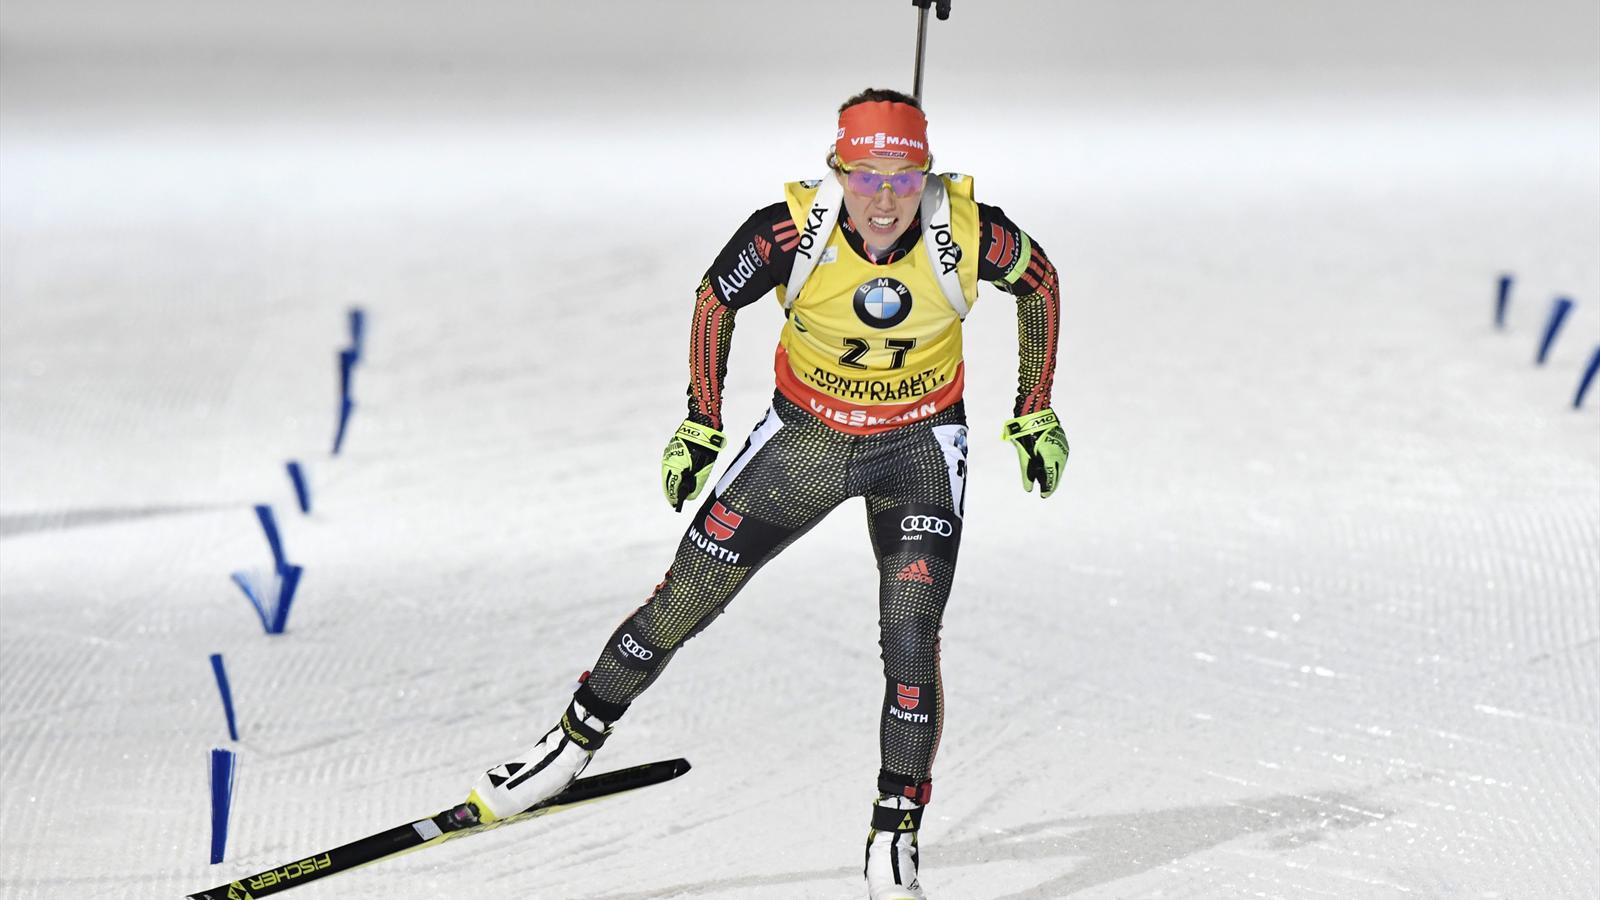 gesamtweltcup biathlon